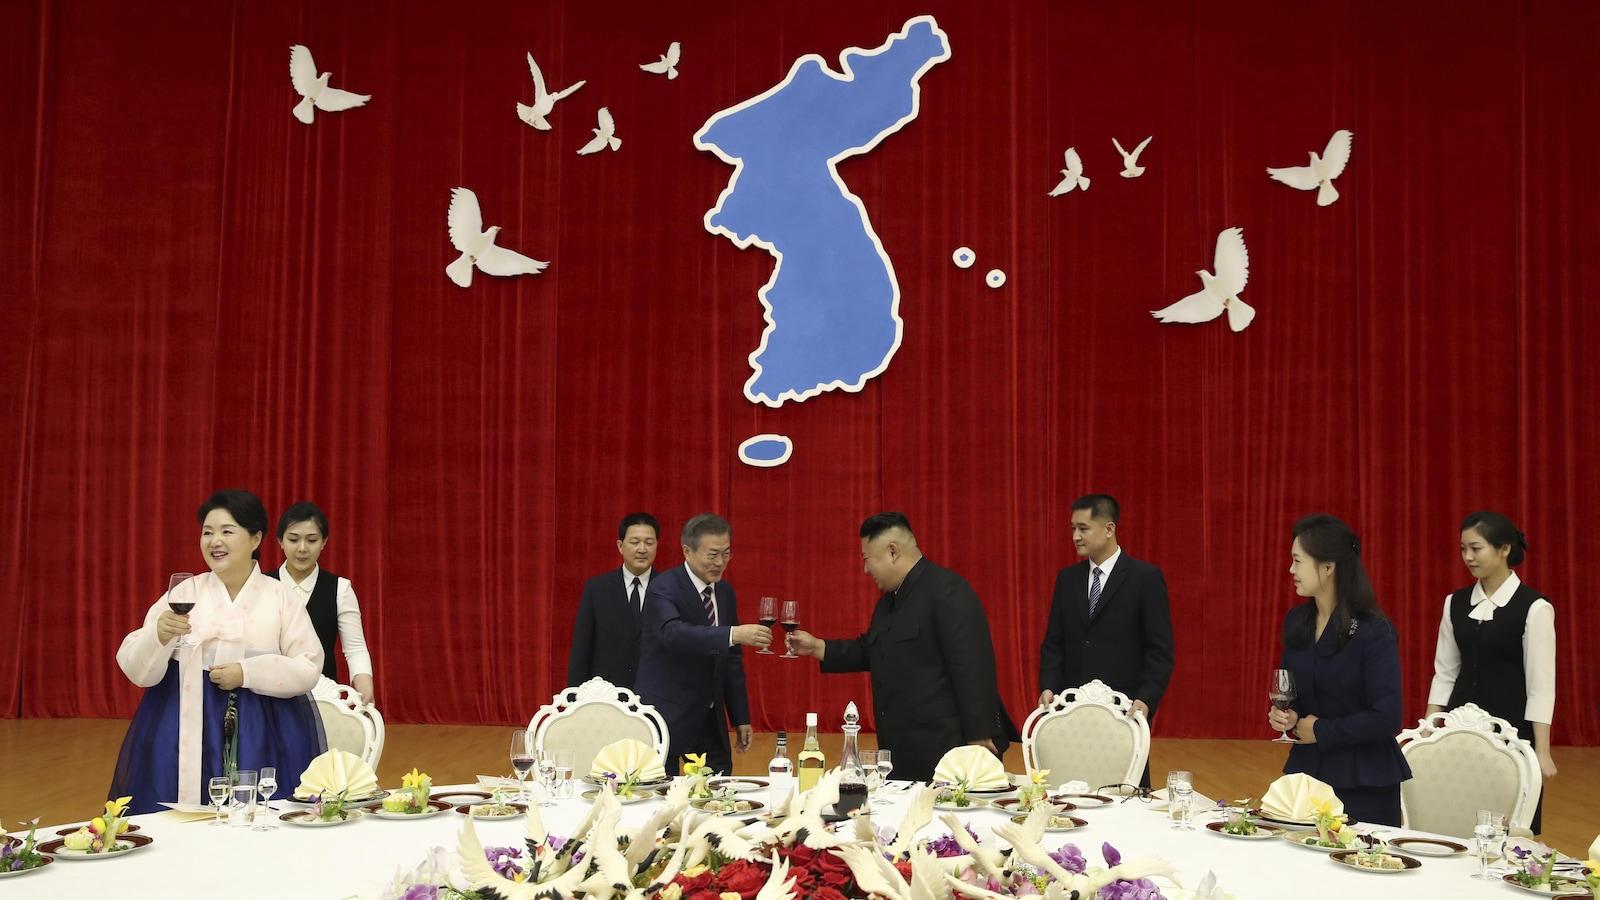 Le président de la Corée du Sud, Moon Jae-in, et le dirigeant de la Corée du Nord, Kim Jong-un, portent un toast devant la carte d'une Corée unifiée.